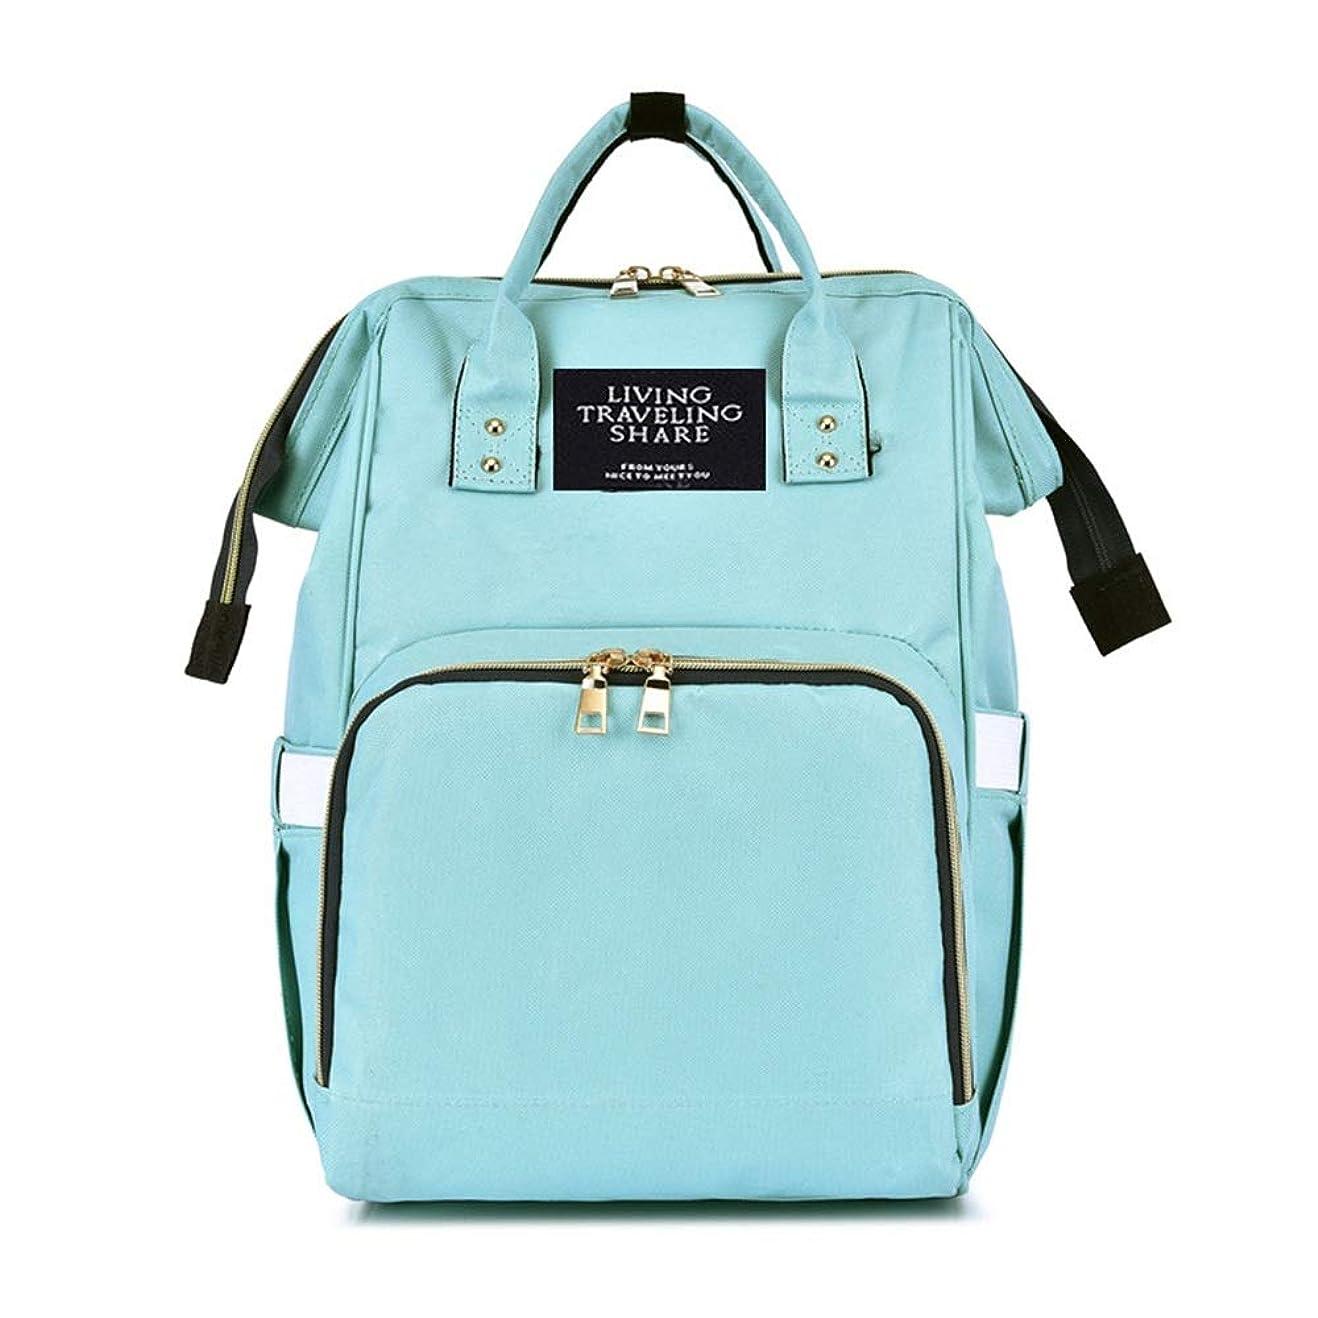 ダニシネウィホバートお母さんとお父さんのためのリュックサックを変える実用的な多機能おむつ交換バッグ大容量旅行赤ちゃん 人生の理想の仲間 (色 : Mint green, サイズ : ワンサイズ)